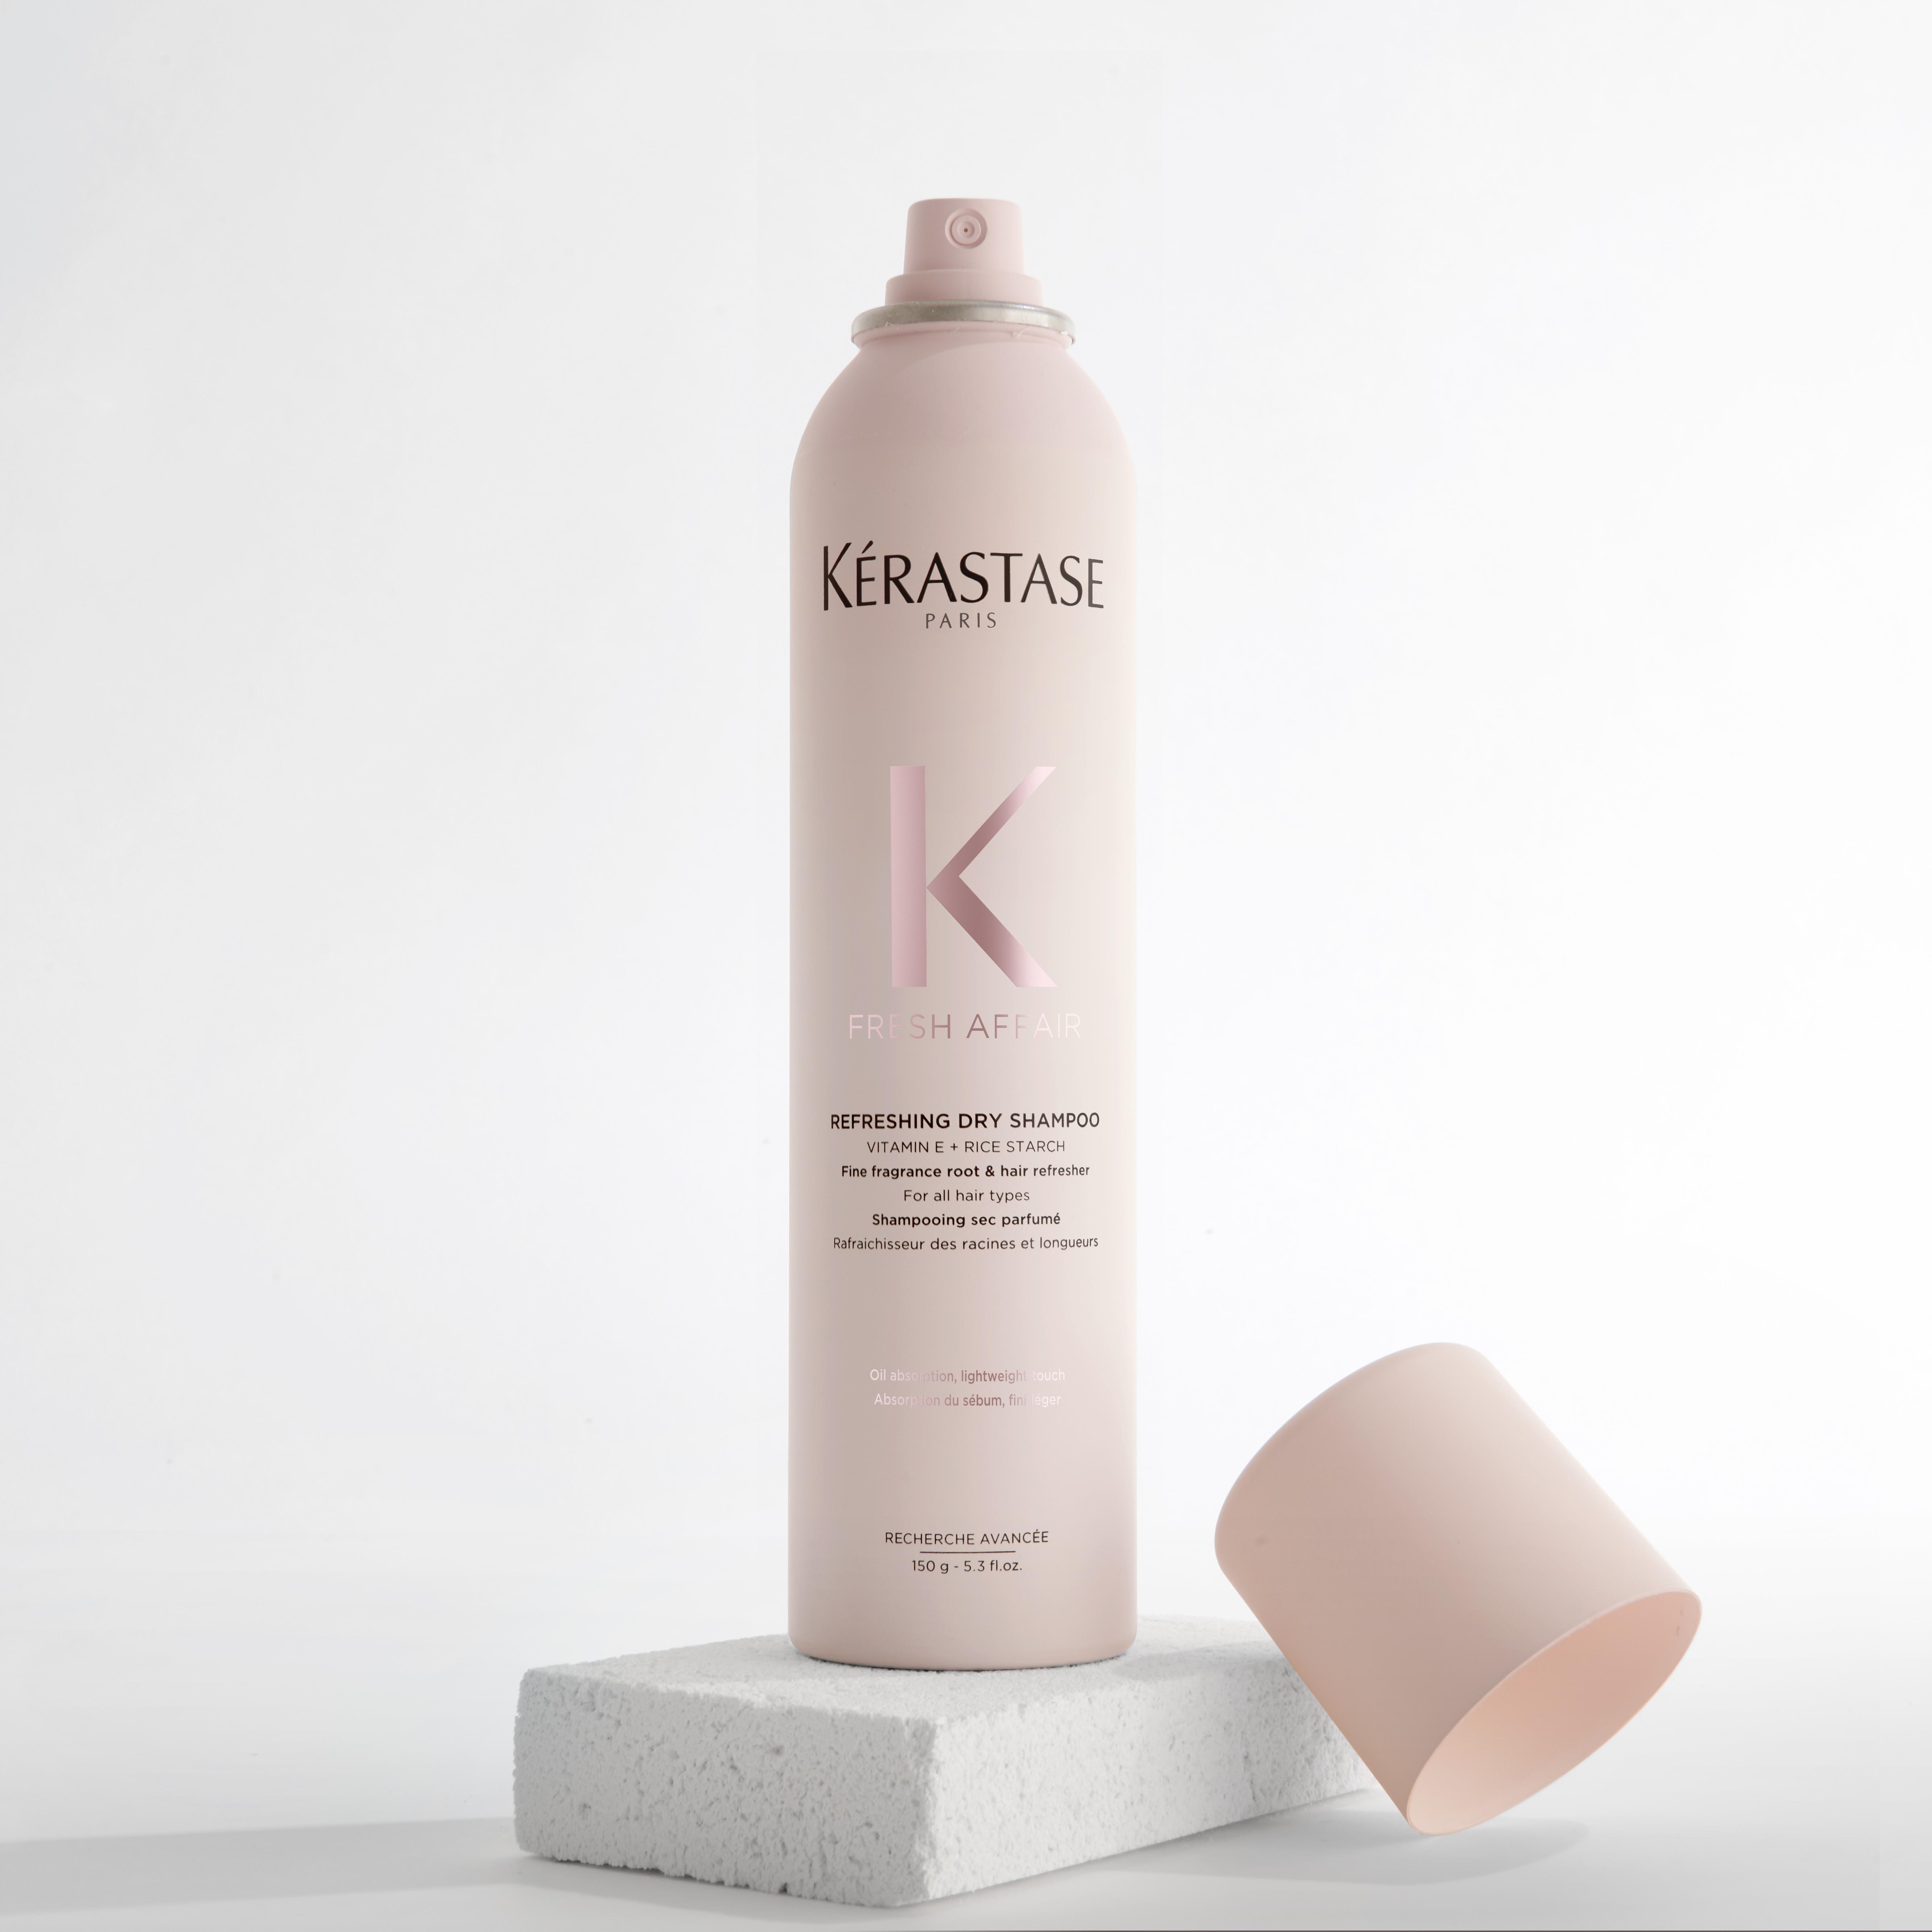 Kerastase Fresh-Affair_Dry Shampoo